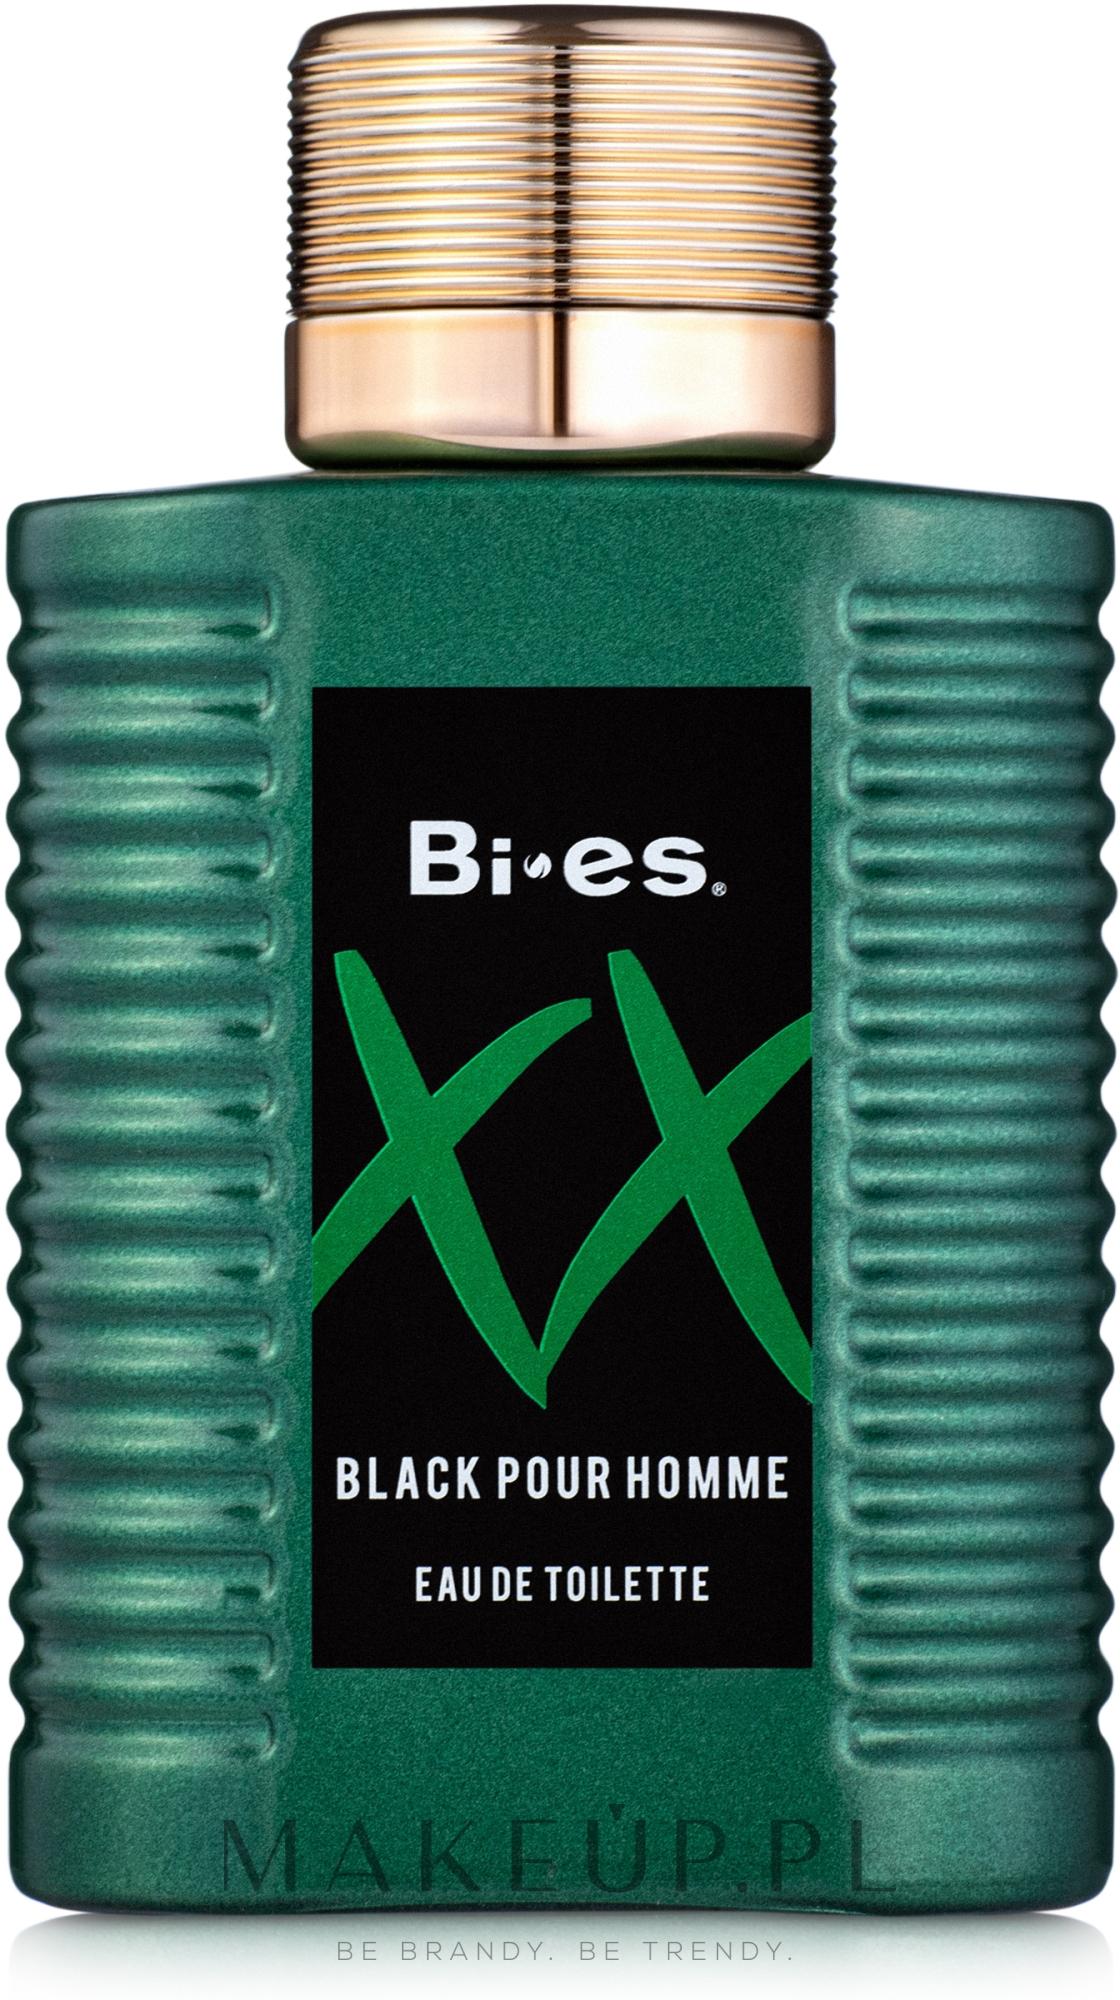 bi-es xx black